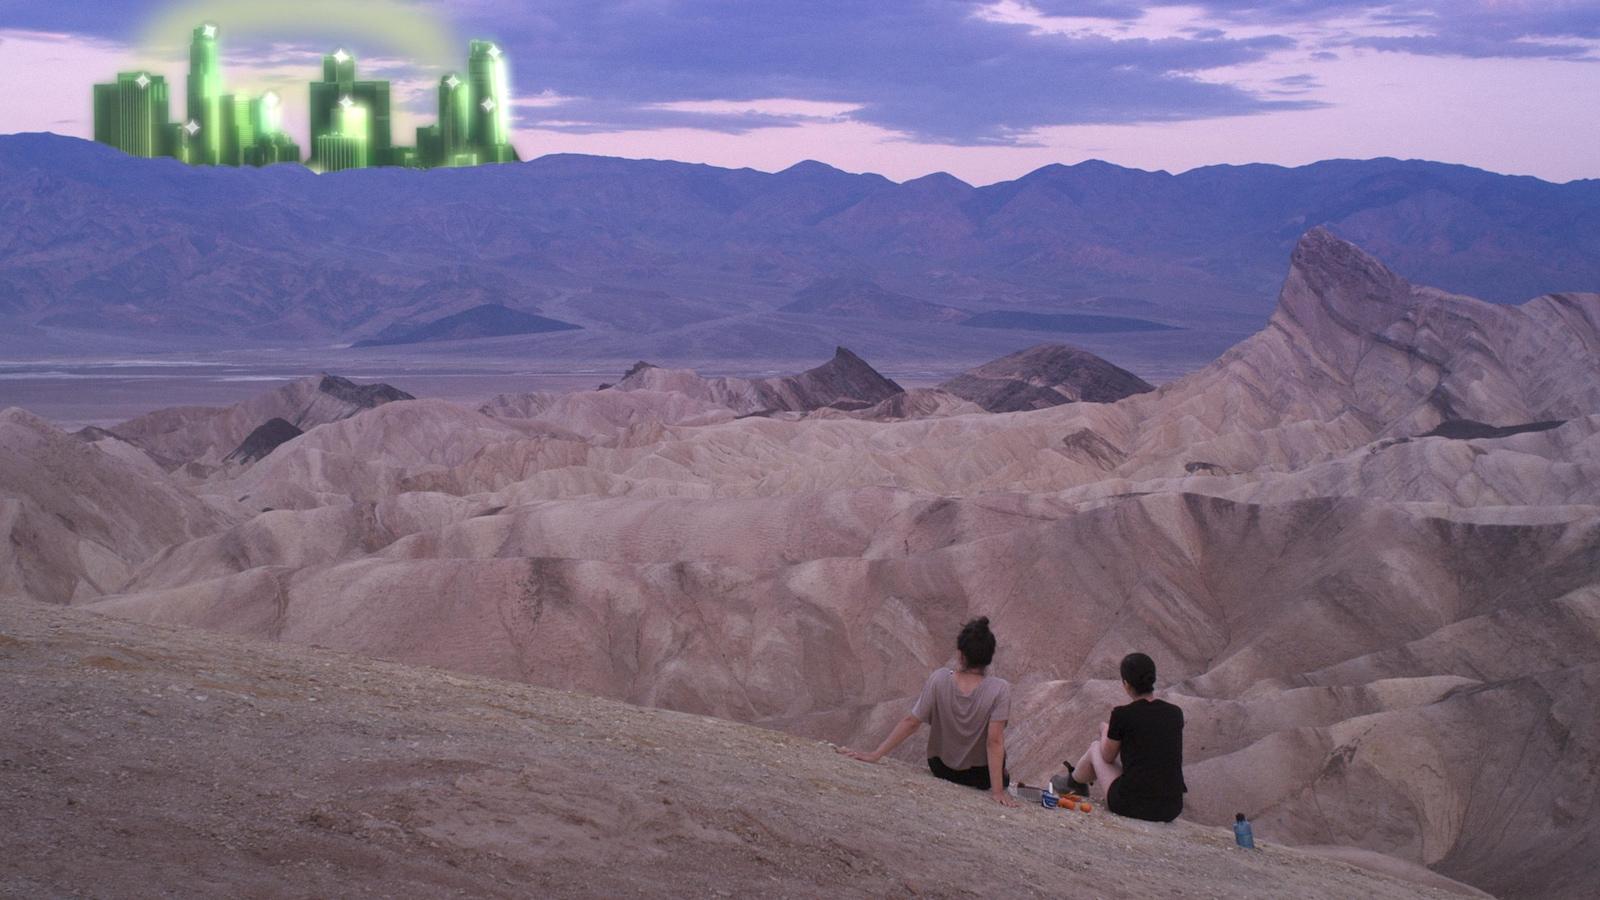 Deux jeunes filles assises dans le désert, face à un paysage de ville virtuelle verte.